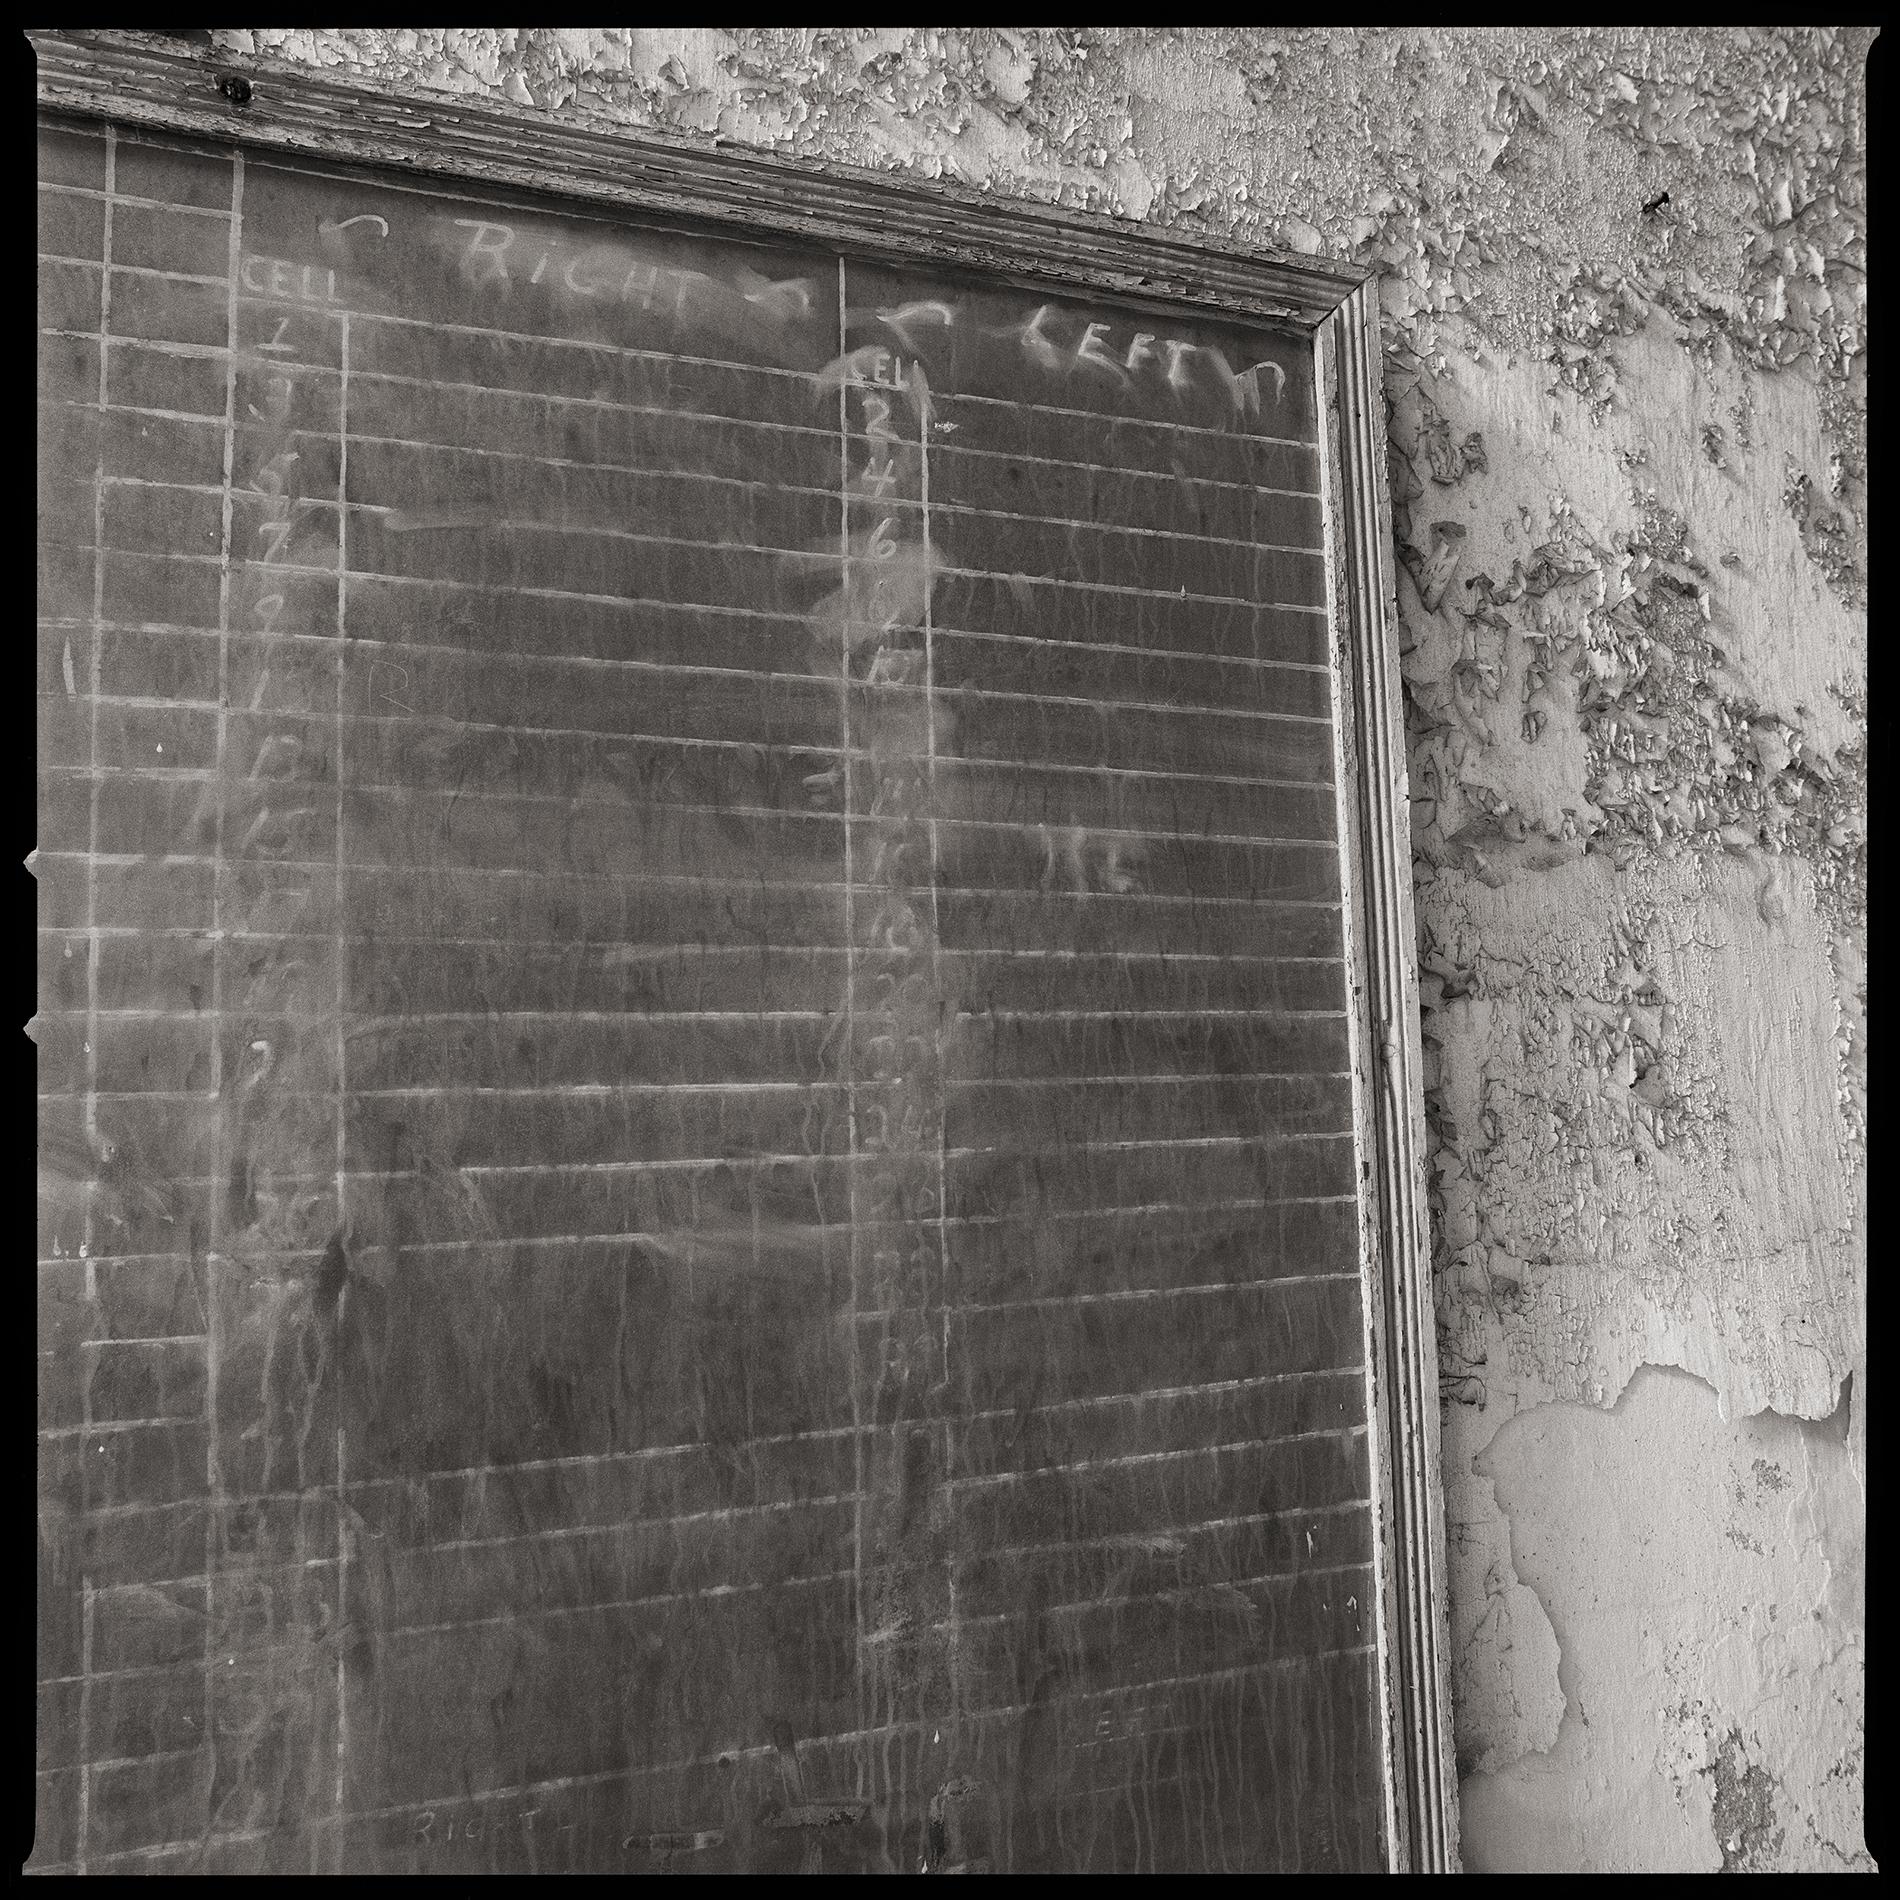 Prisoner Control Board